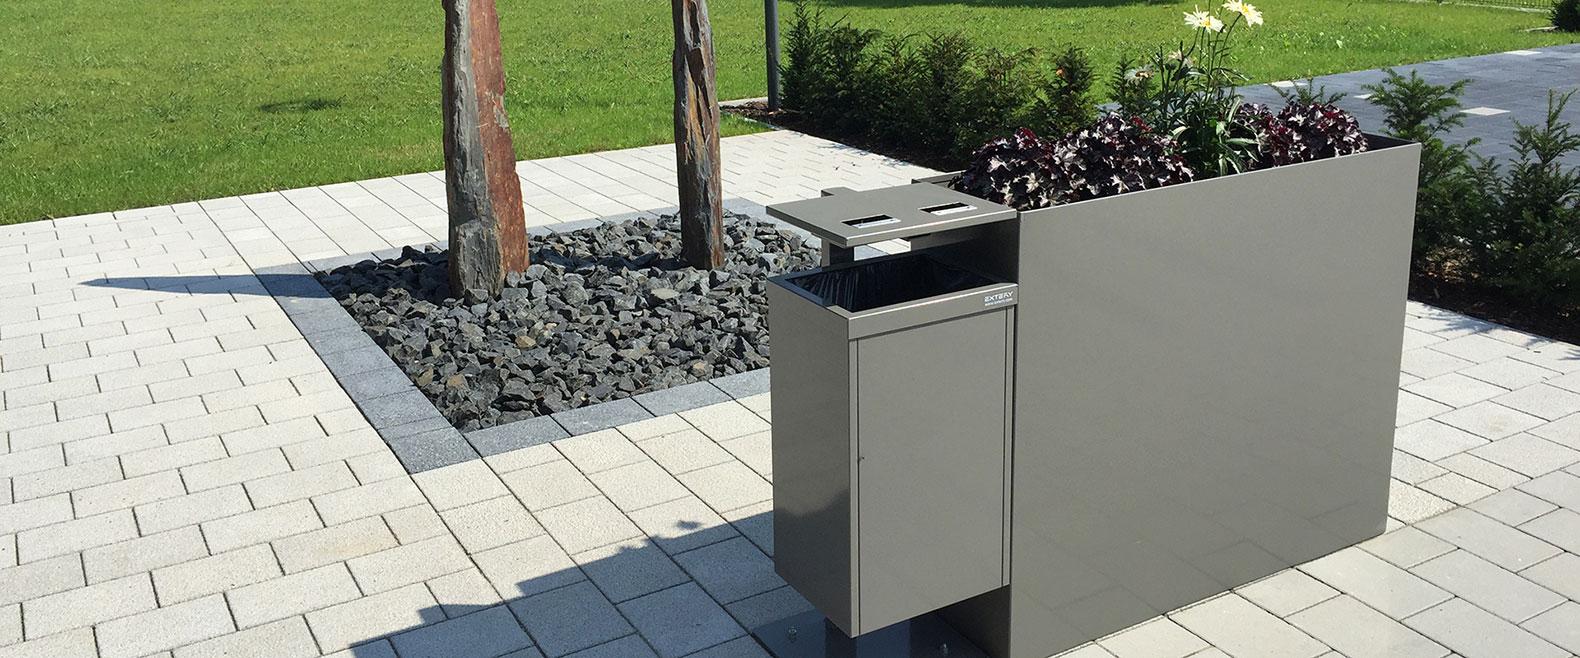 Bild von VANDAL Abfallbehälter